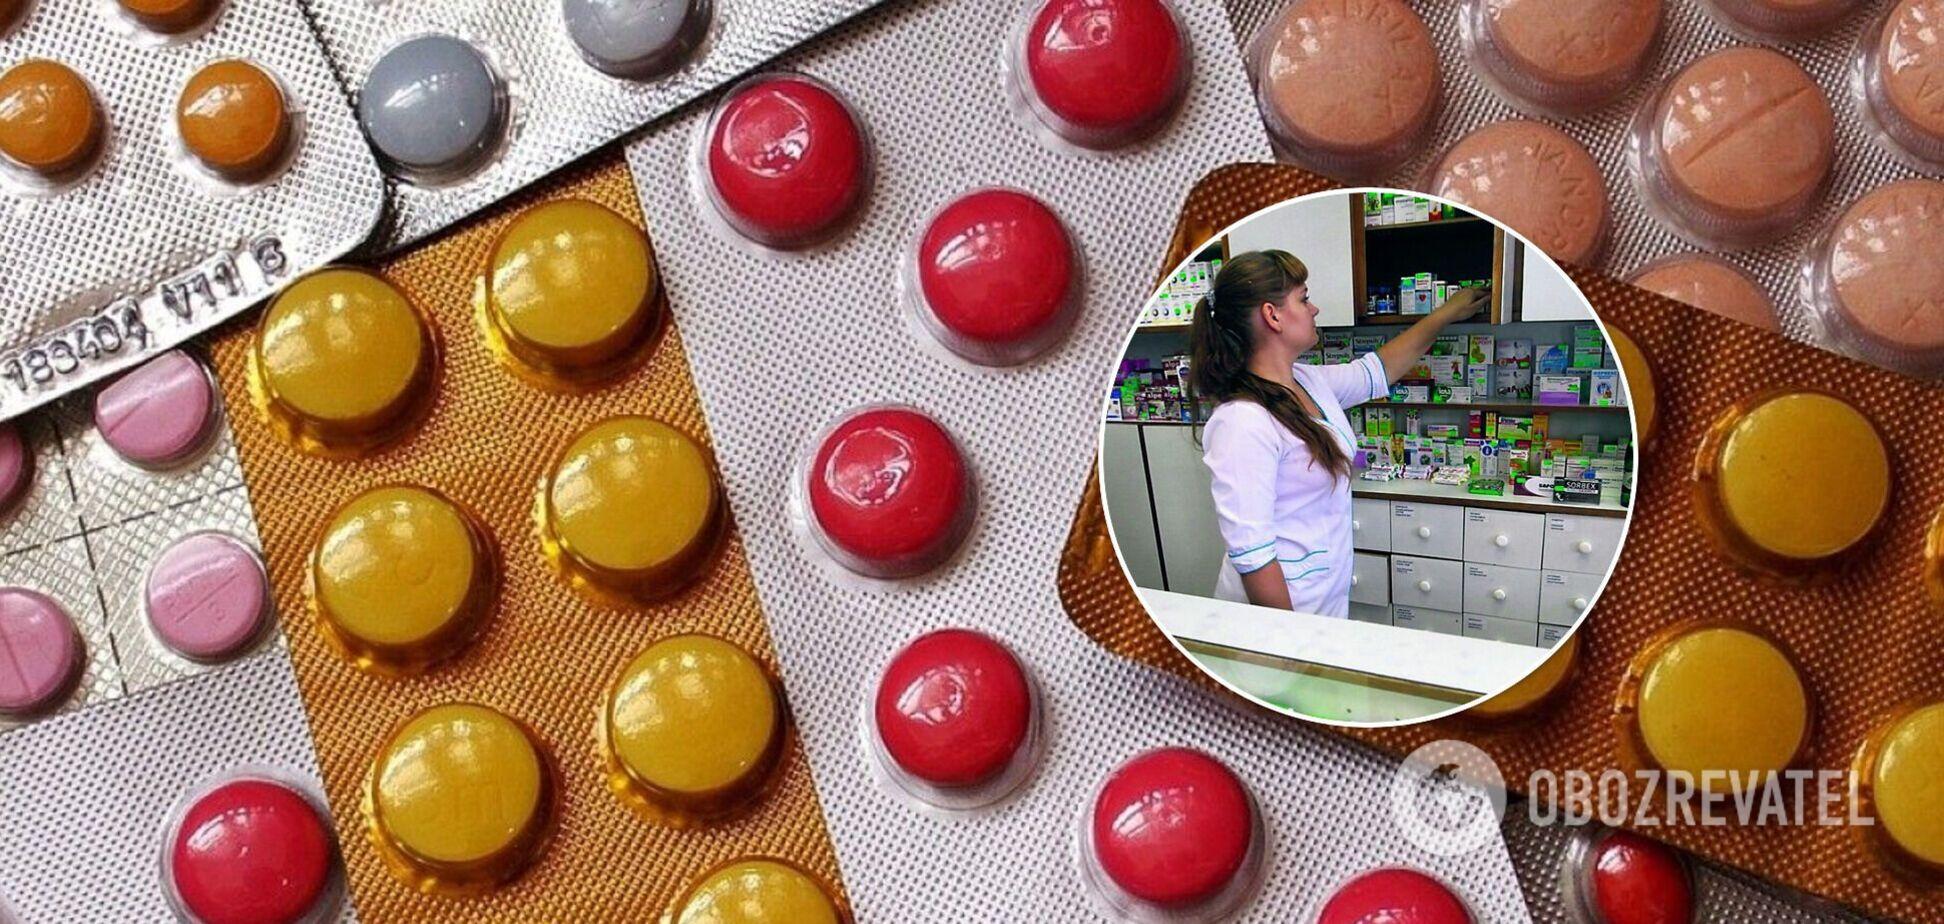 Производство и продажа лекарств будут происходить по новым правилам